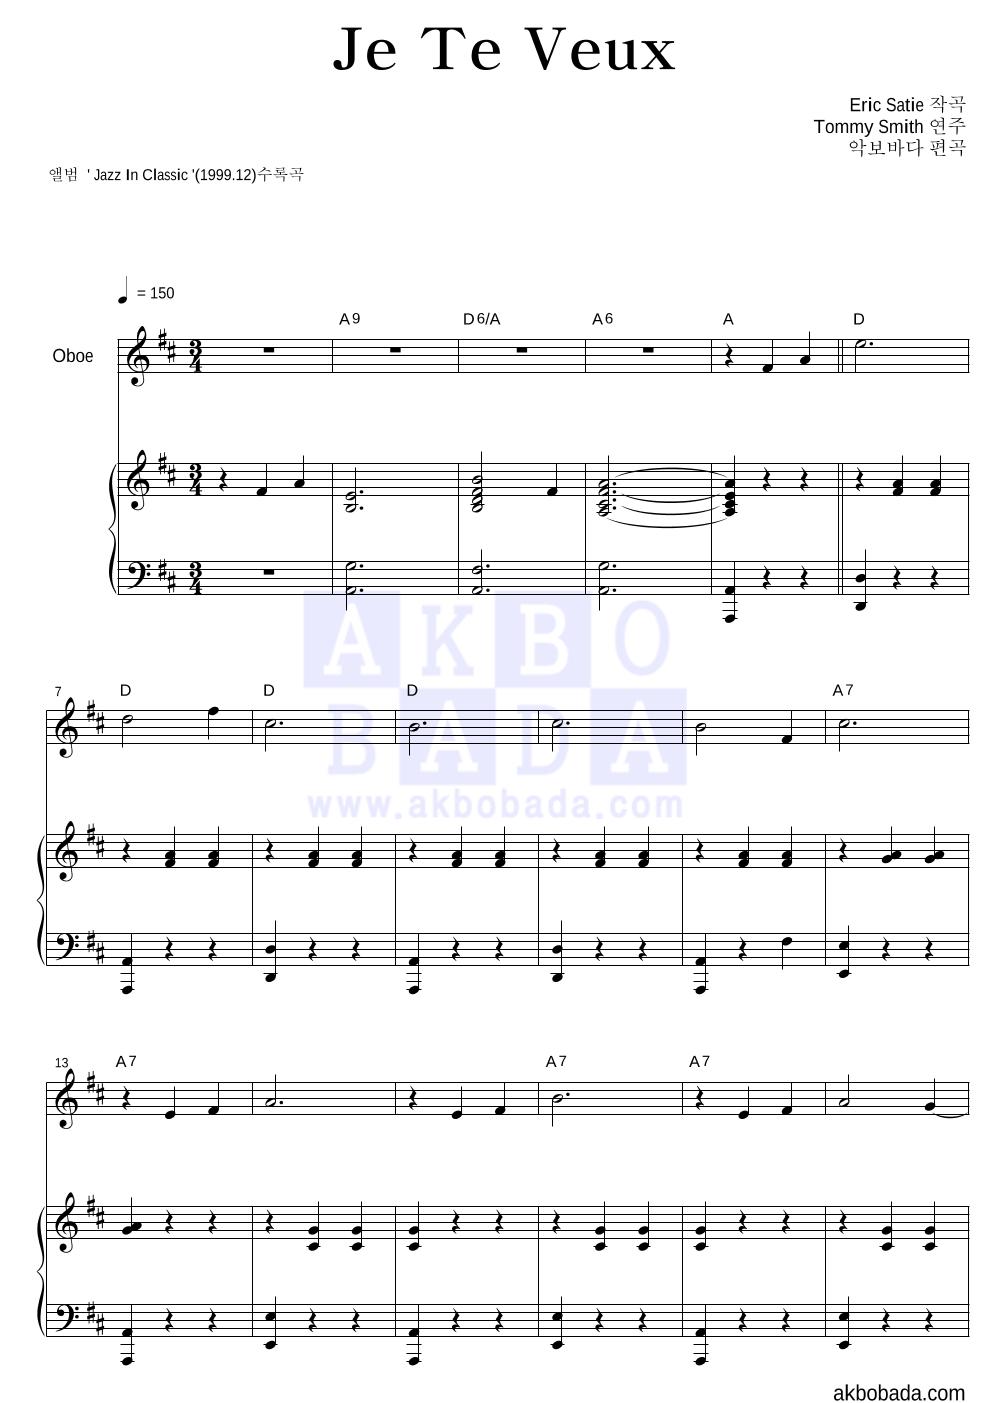 에릭 사티 - Je Te Veux 오보에&피아노 악보